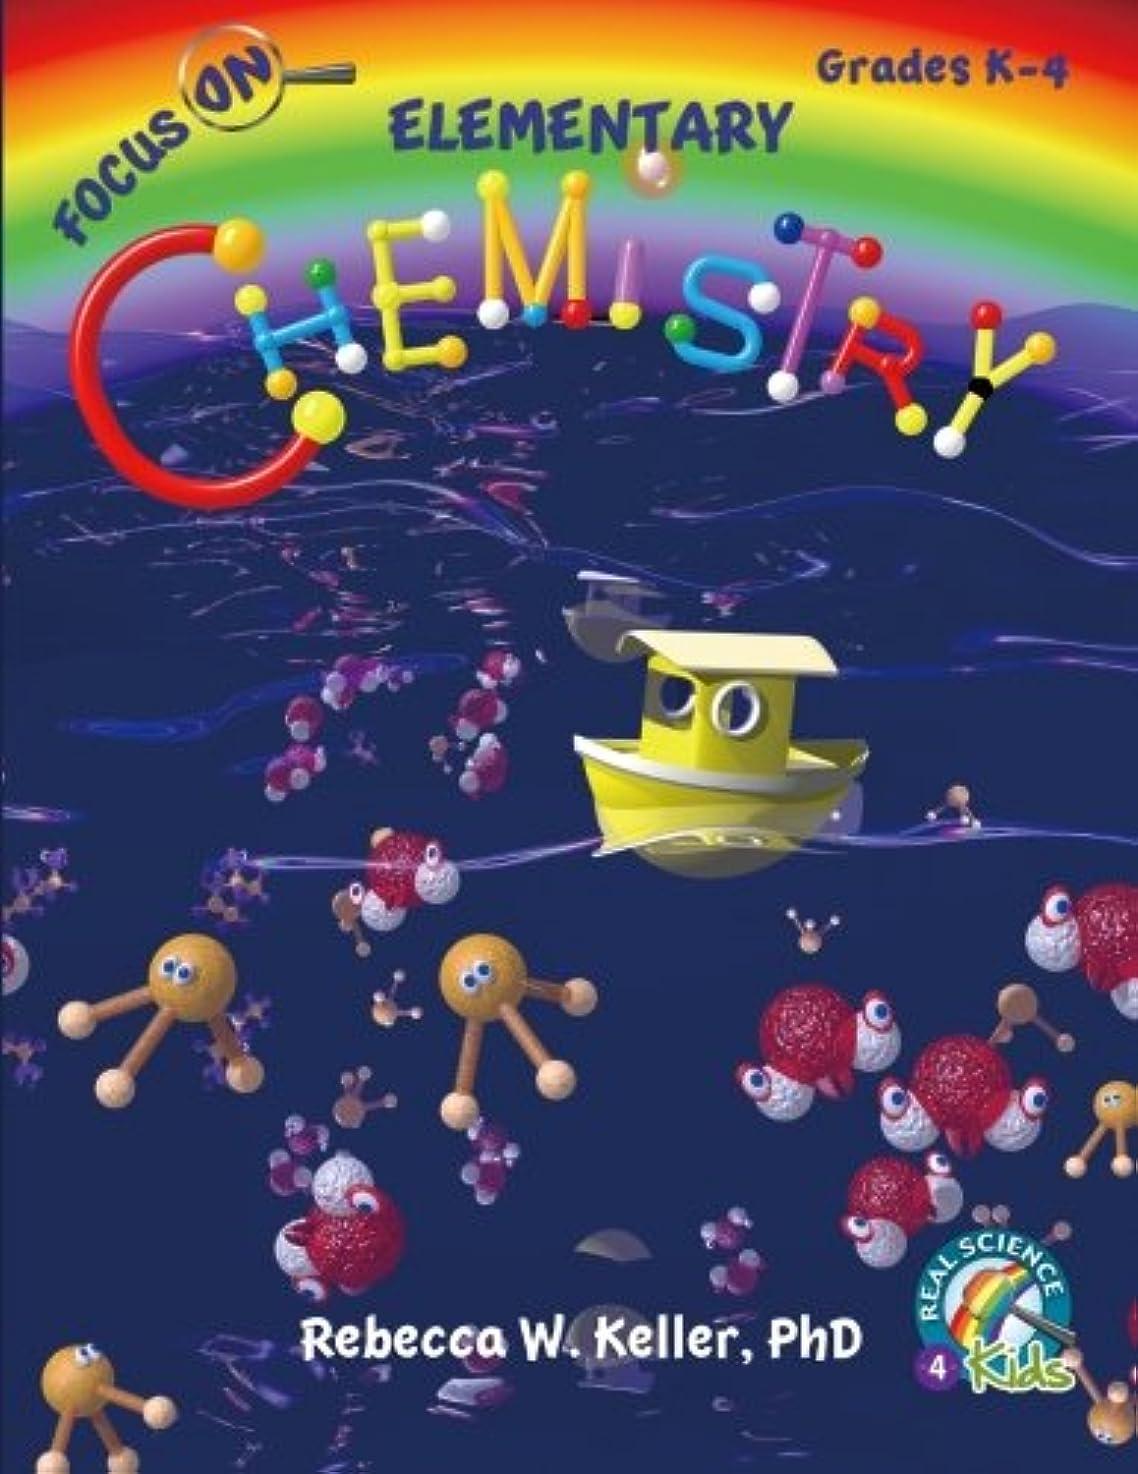 不足形フォーマットFocus On Elementary Chemistry Student Textbook (softcover)